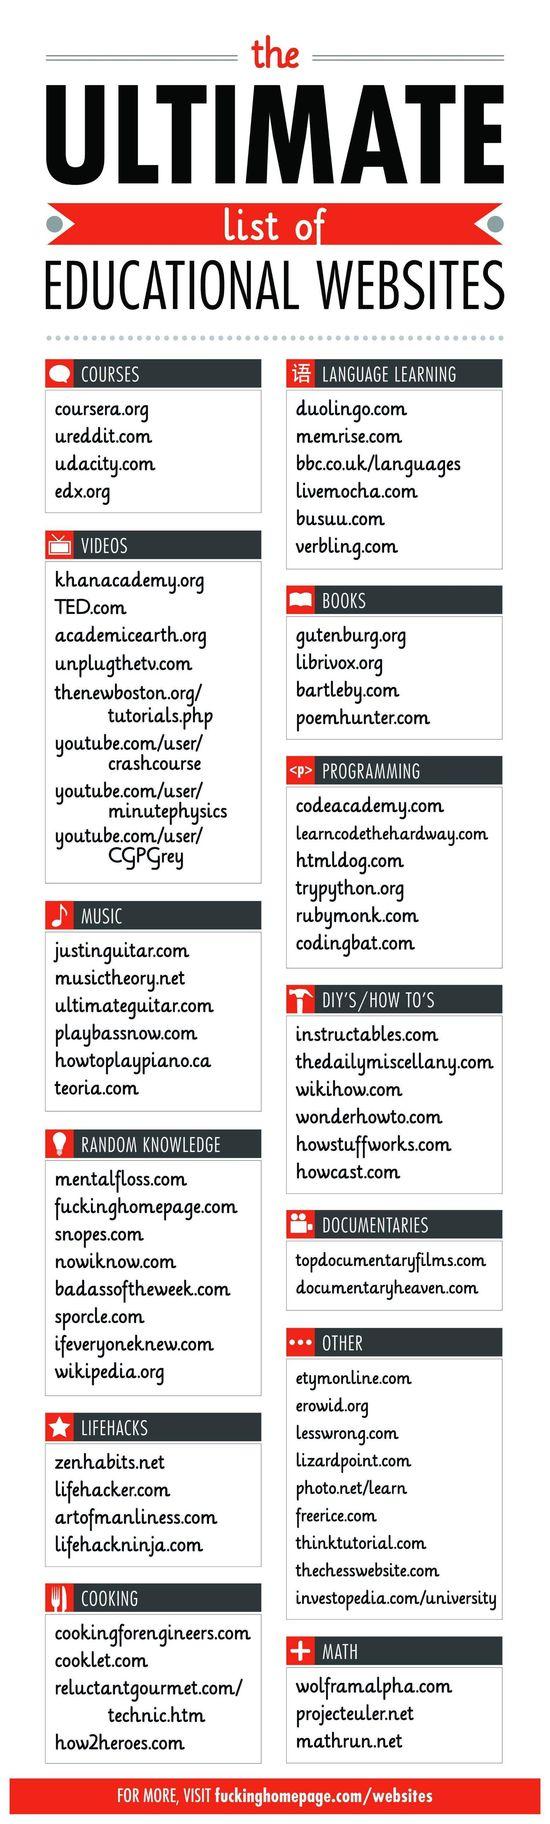 The Ultimate List of Educational Websites via Imgur